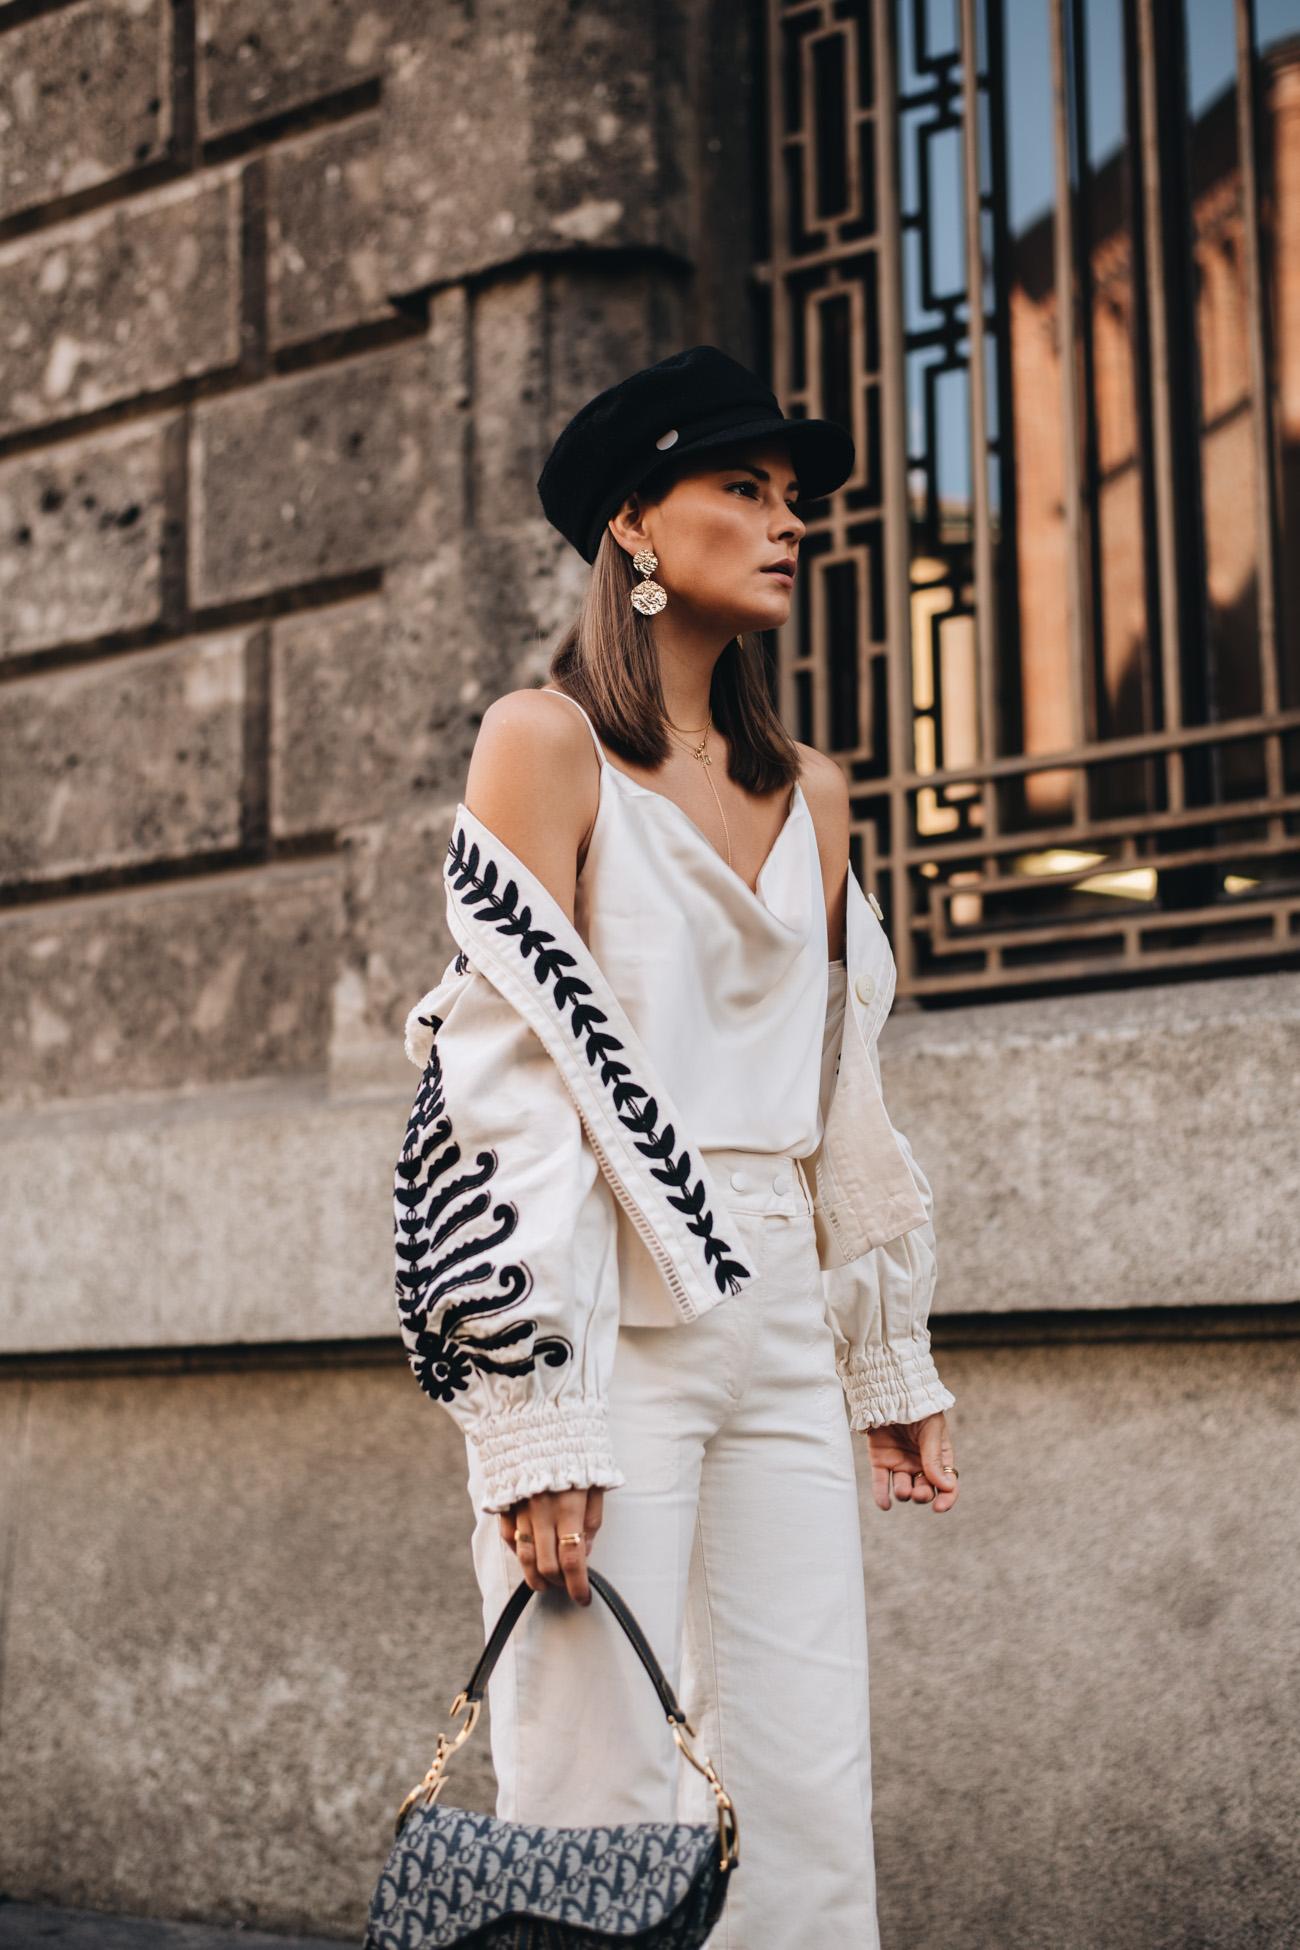 Weißes Outfit für den Sommer